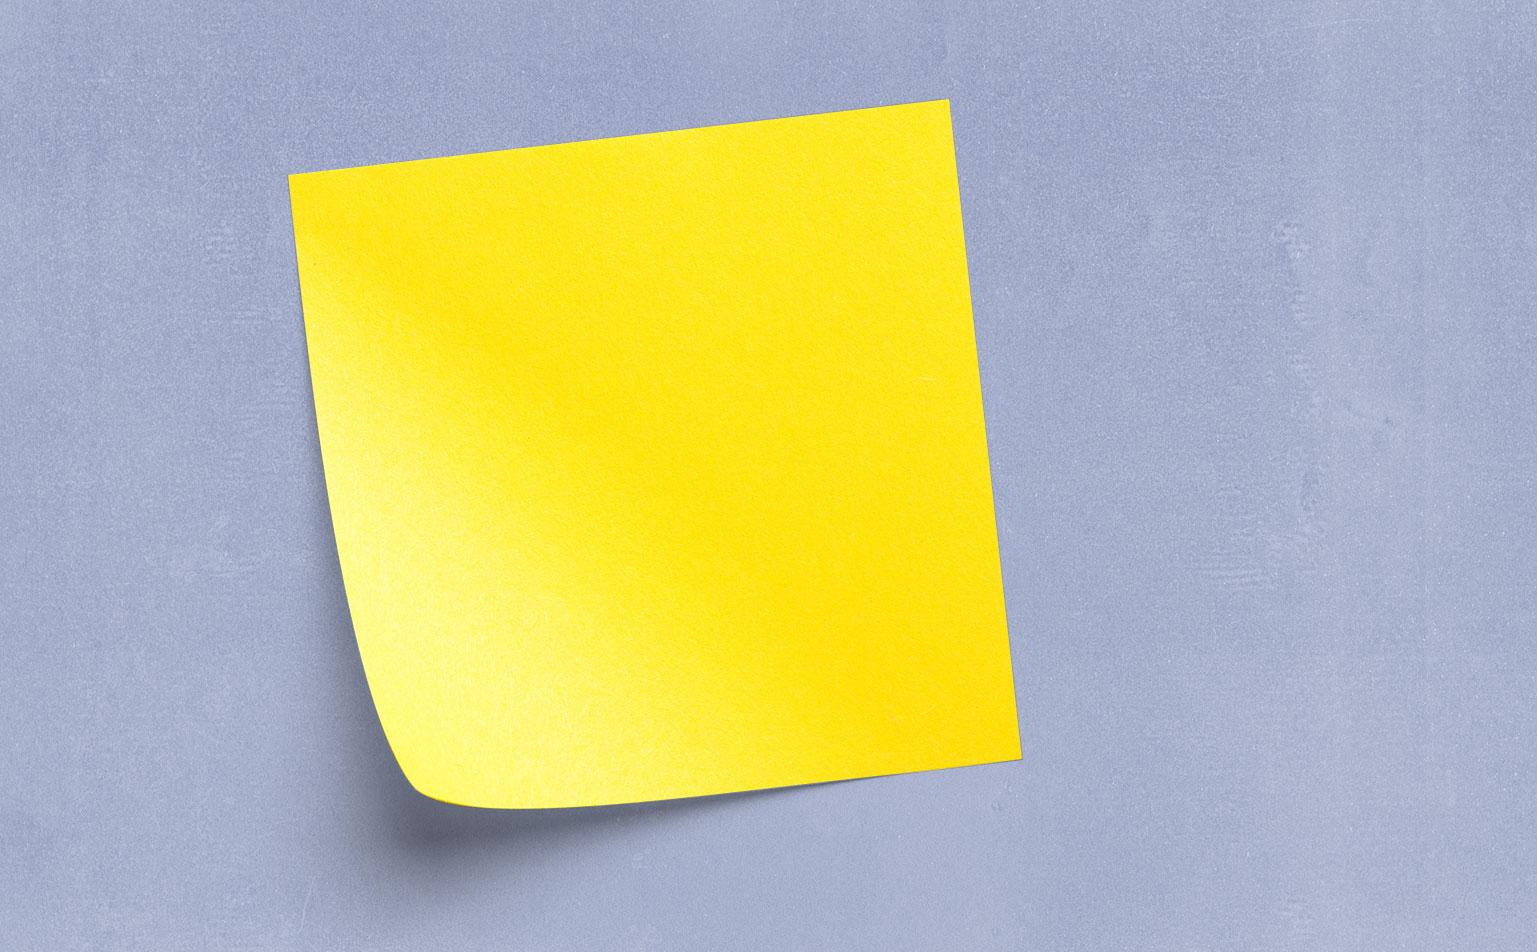 15 Ways To Use Sticky Notes